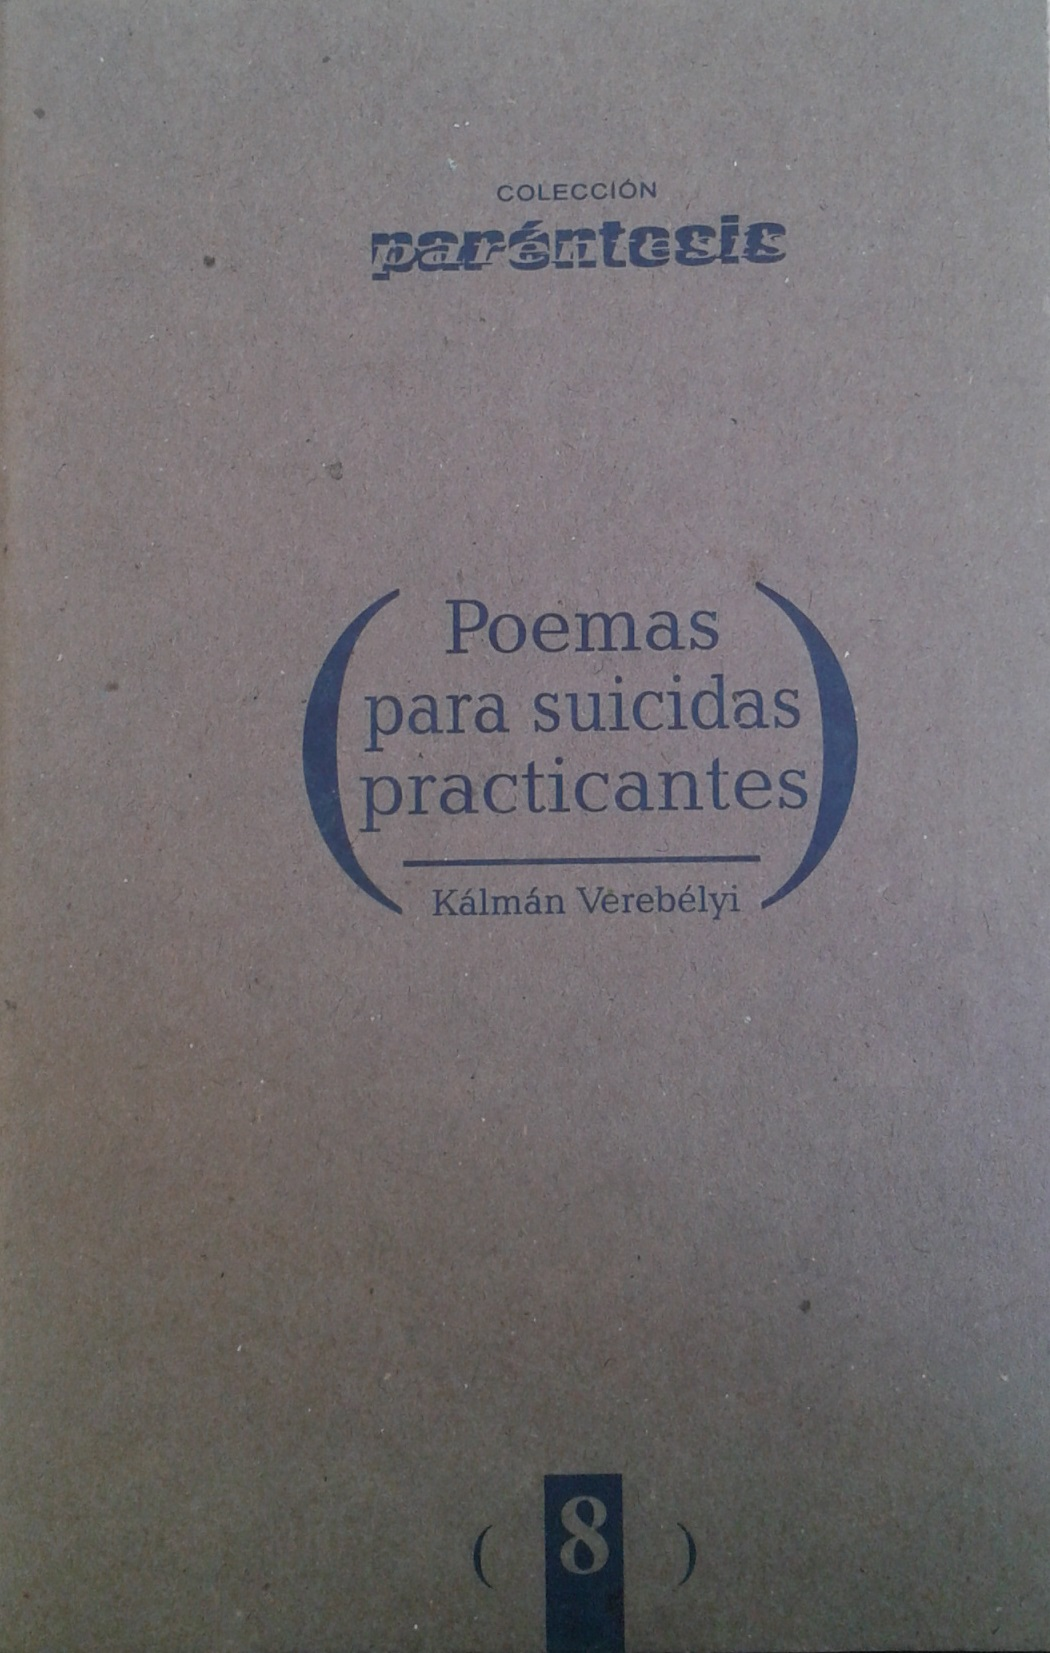 Poemas para suicidas praticantes